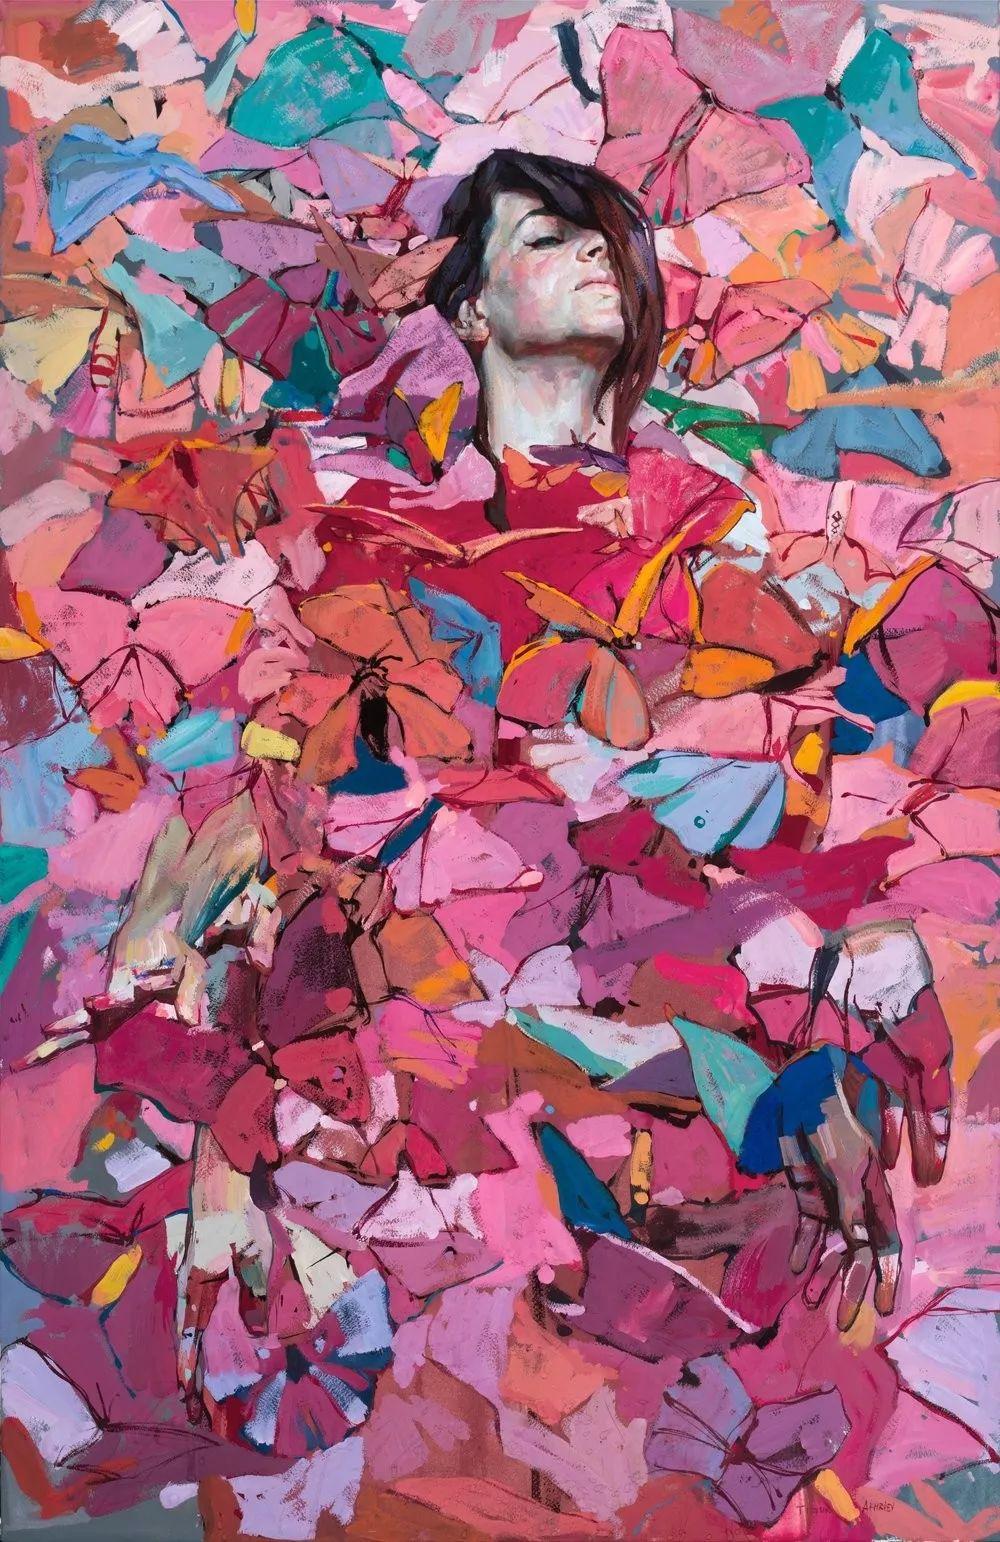 浓郁的色彩,俄罗斯艺术家帖木儿·阿赫列耶夫